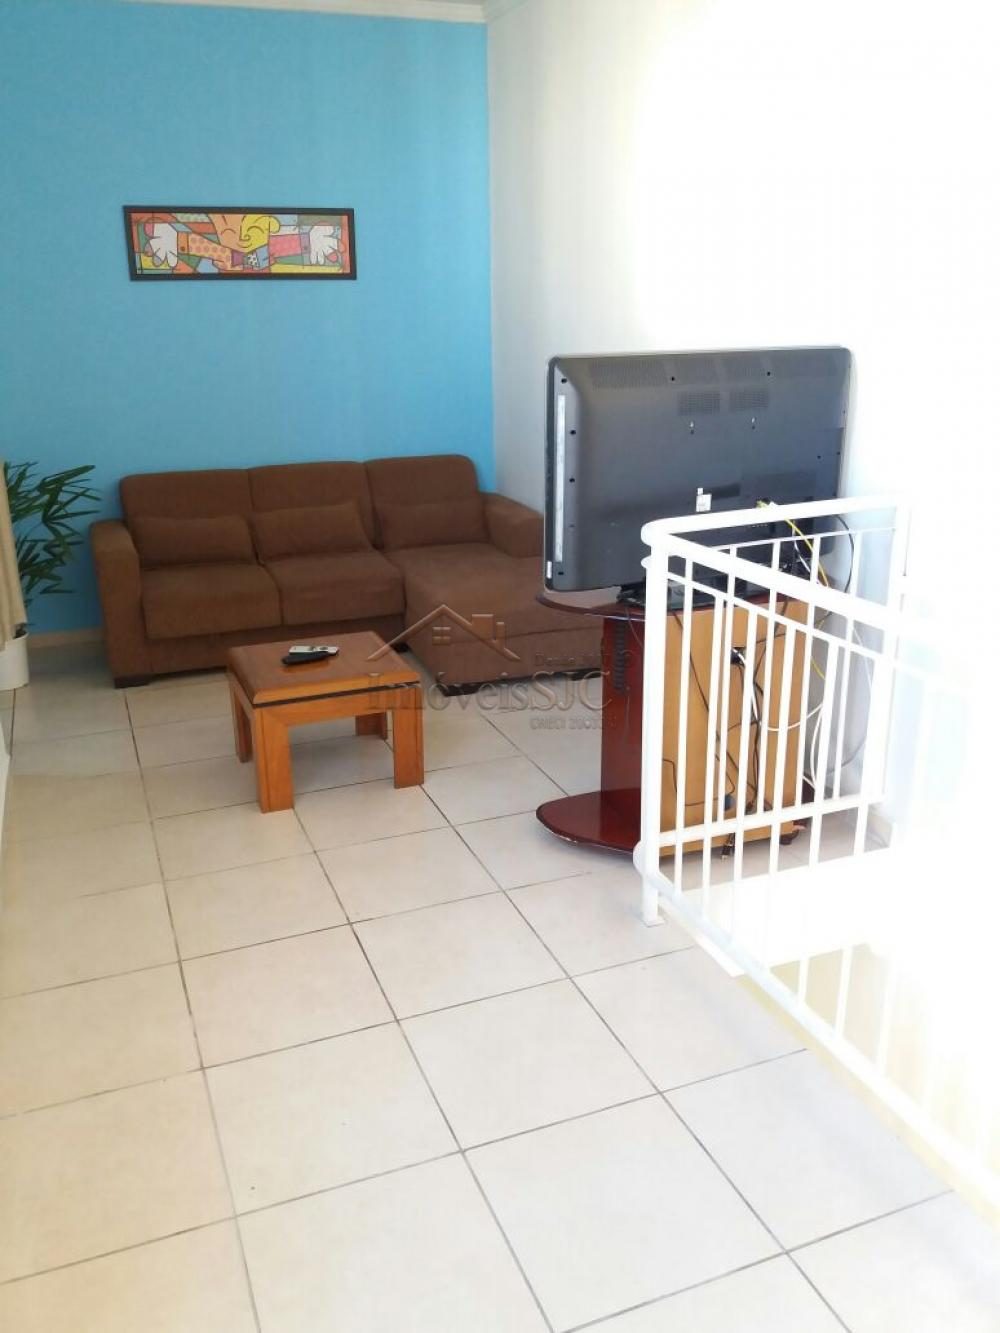 Comprar Apartamentos / Padrão em Jacareí apenas R$ 275.000,00 - Foto 3